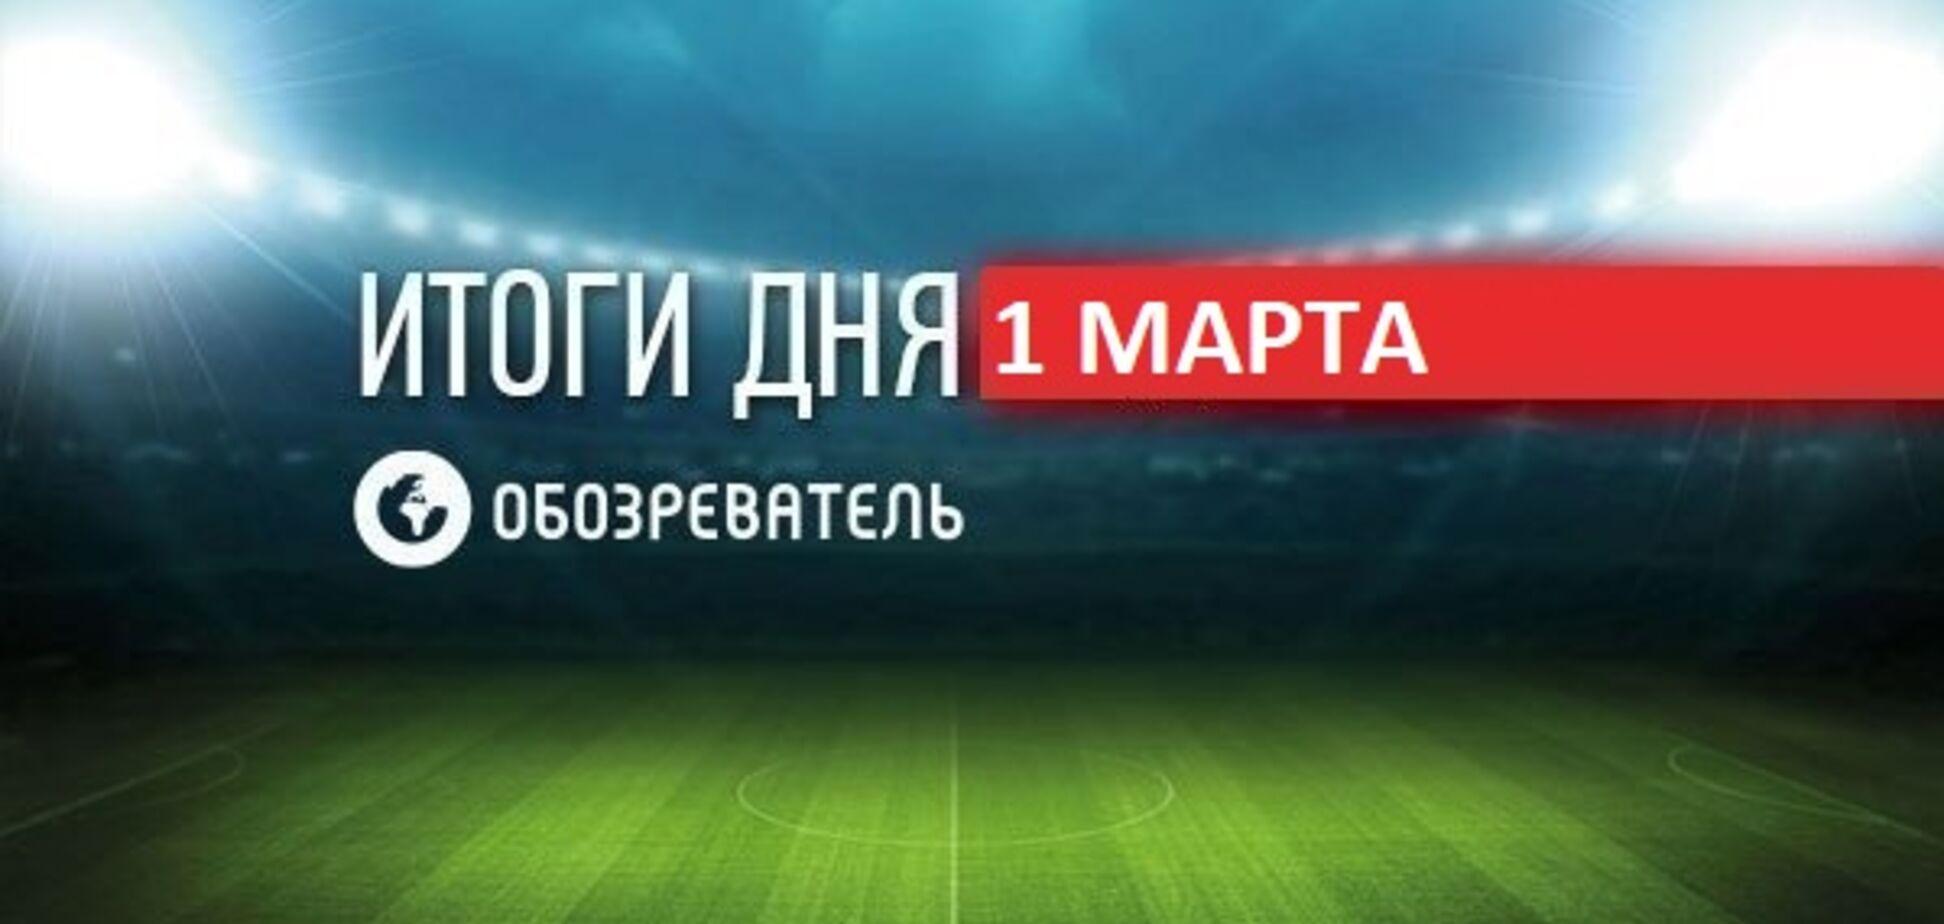 Семеренко не стрималася після ЧЄ: спортивні підсумки 1 березня